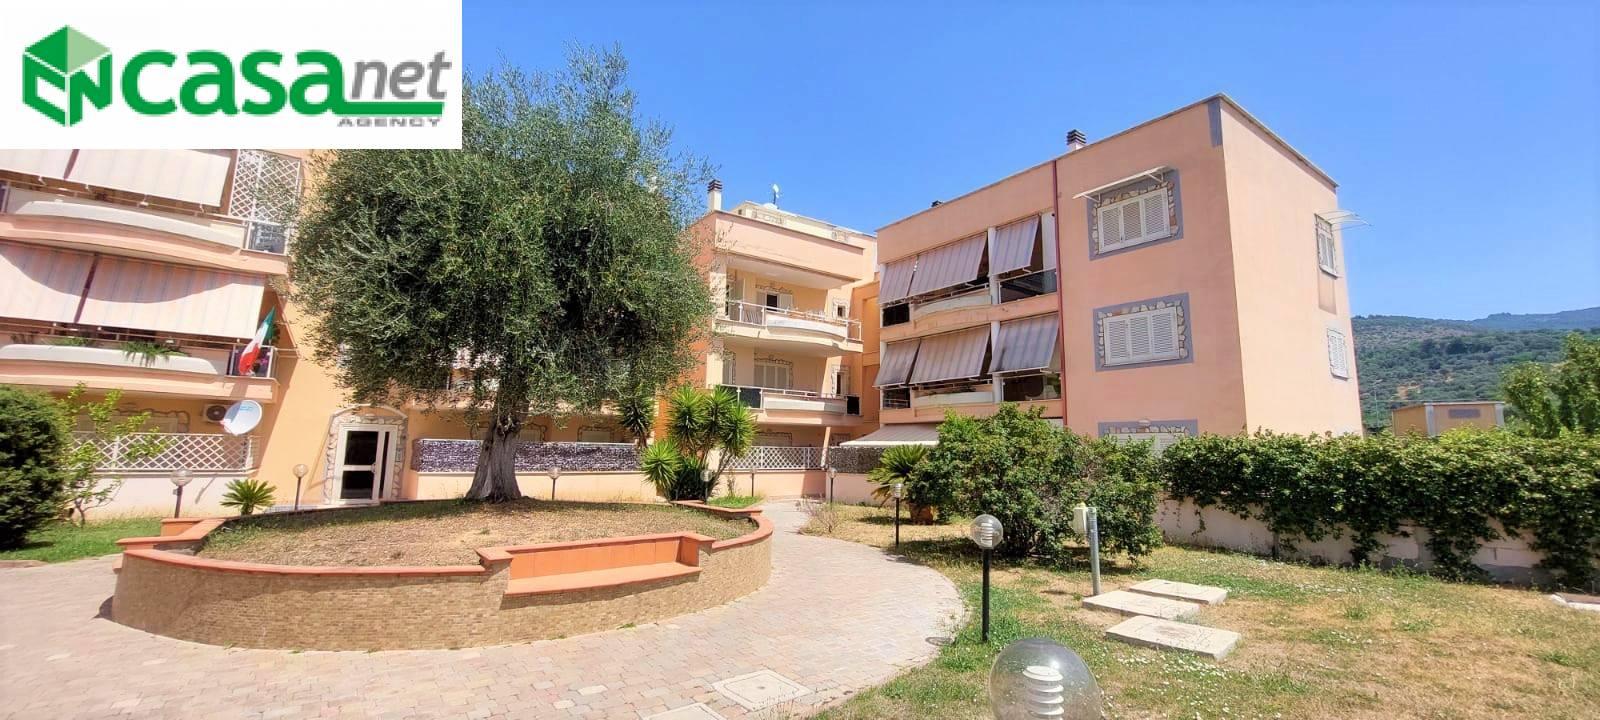 Appartamento in vendita a Tivoli, 3 locali, zona Località: campolimpido, prezzo € 149.000 | CambioCasa.it